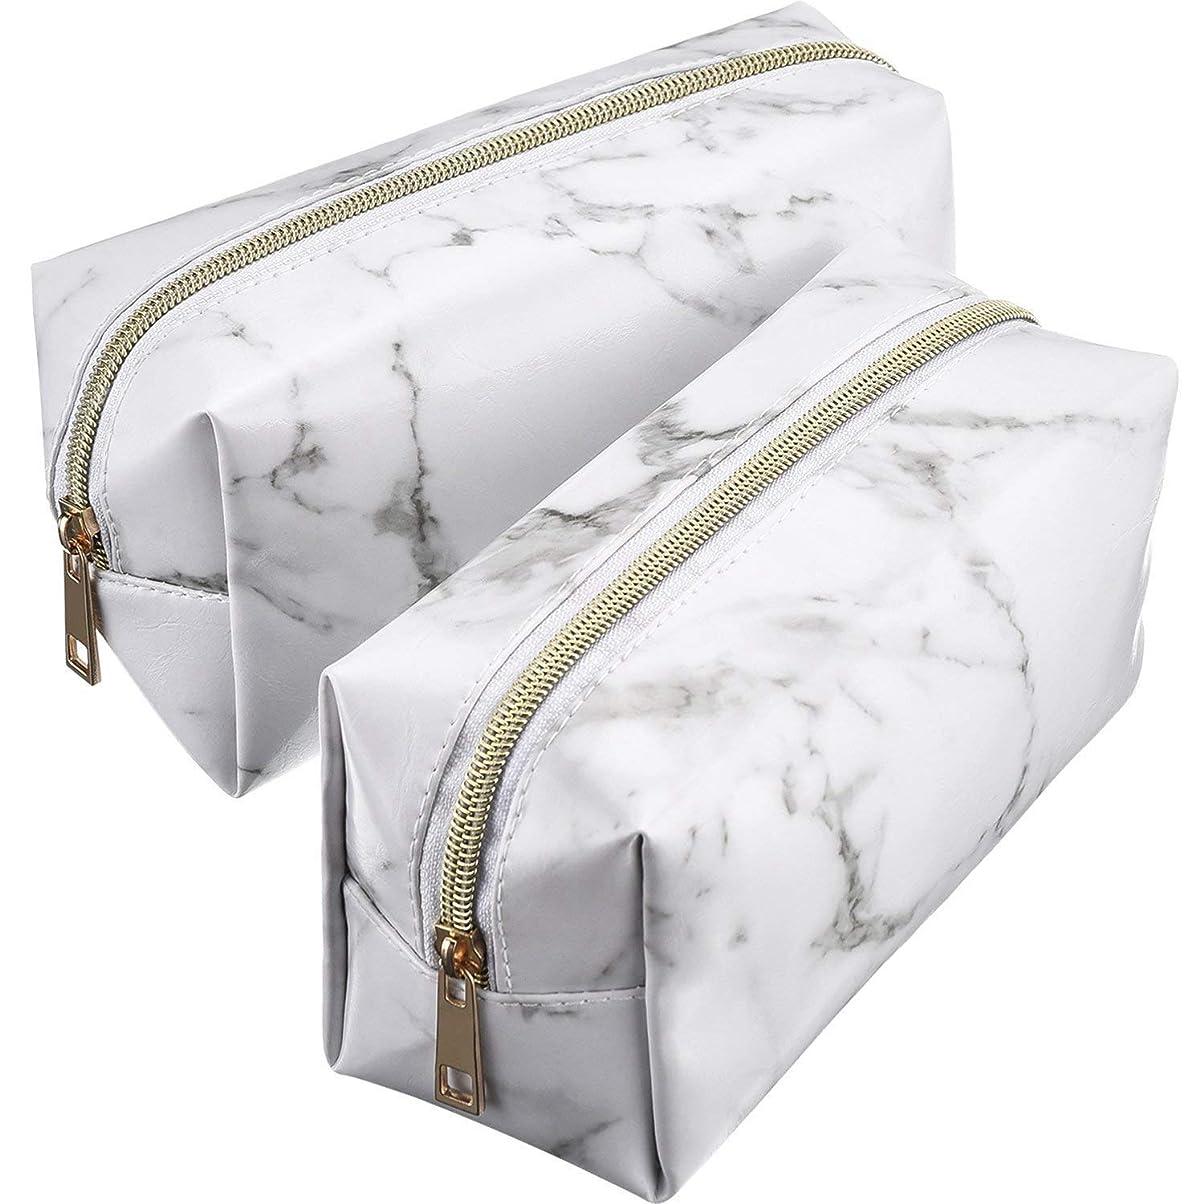 置くためにパック人工的な会員TOOGOO 2個化粧品化粧品化粧袋ポーチゴールドジッパー収納袋大理石模様のポータブル化粧ブラシバッグ(ホワイト)